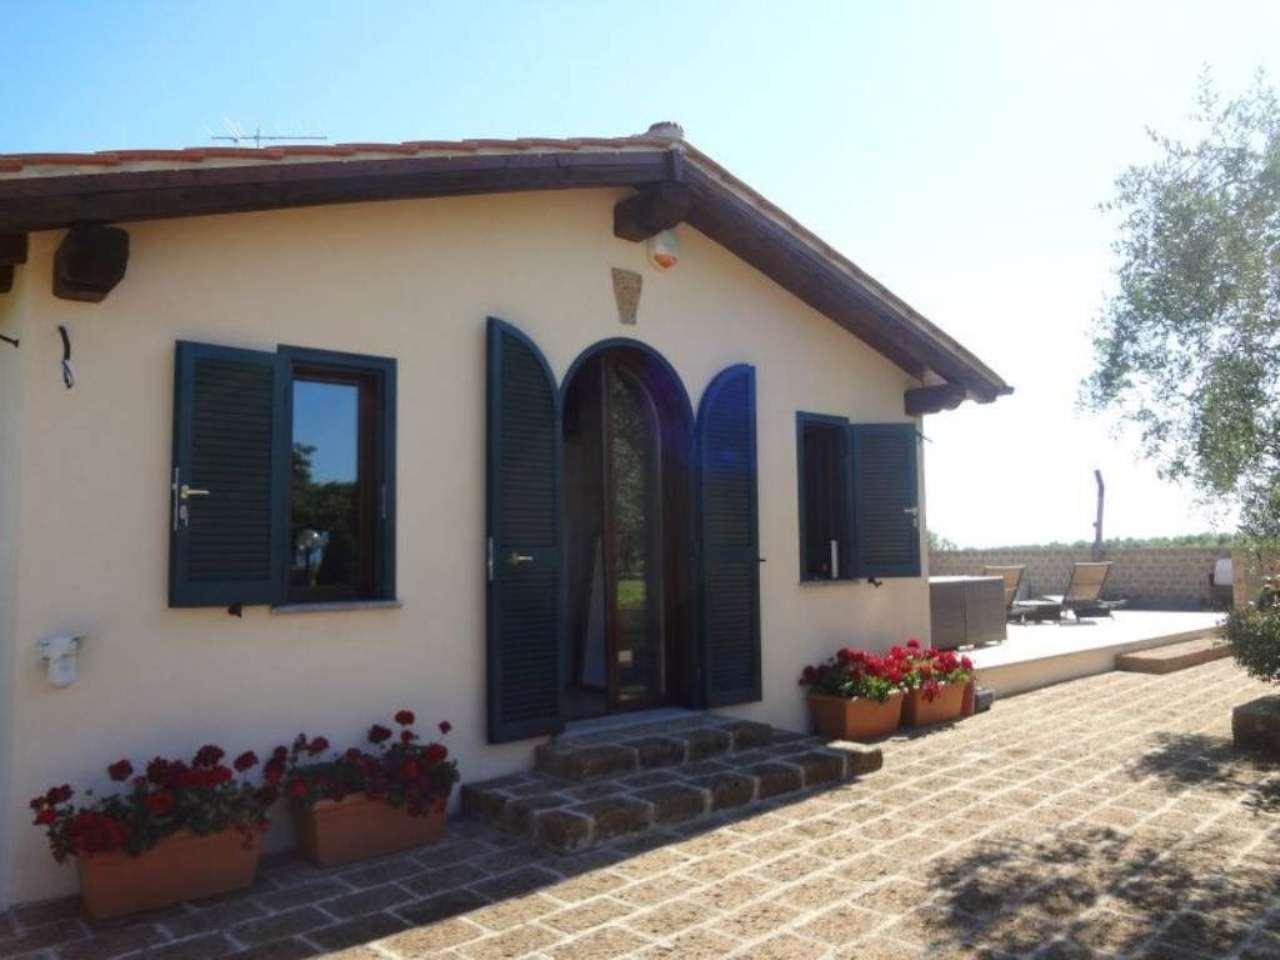 Soluzione Indipendente in vendita a Vignanello, 6 locali, Trattative riservate | Cambio Casa.it